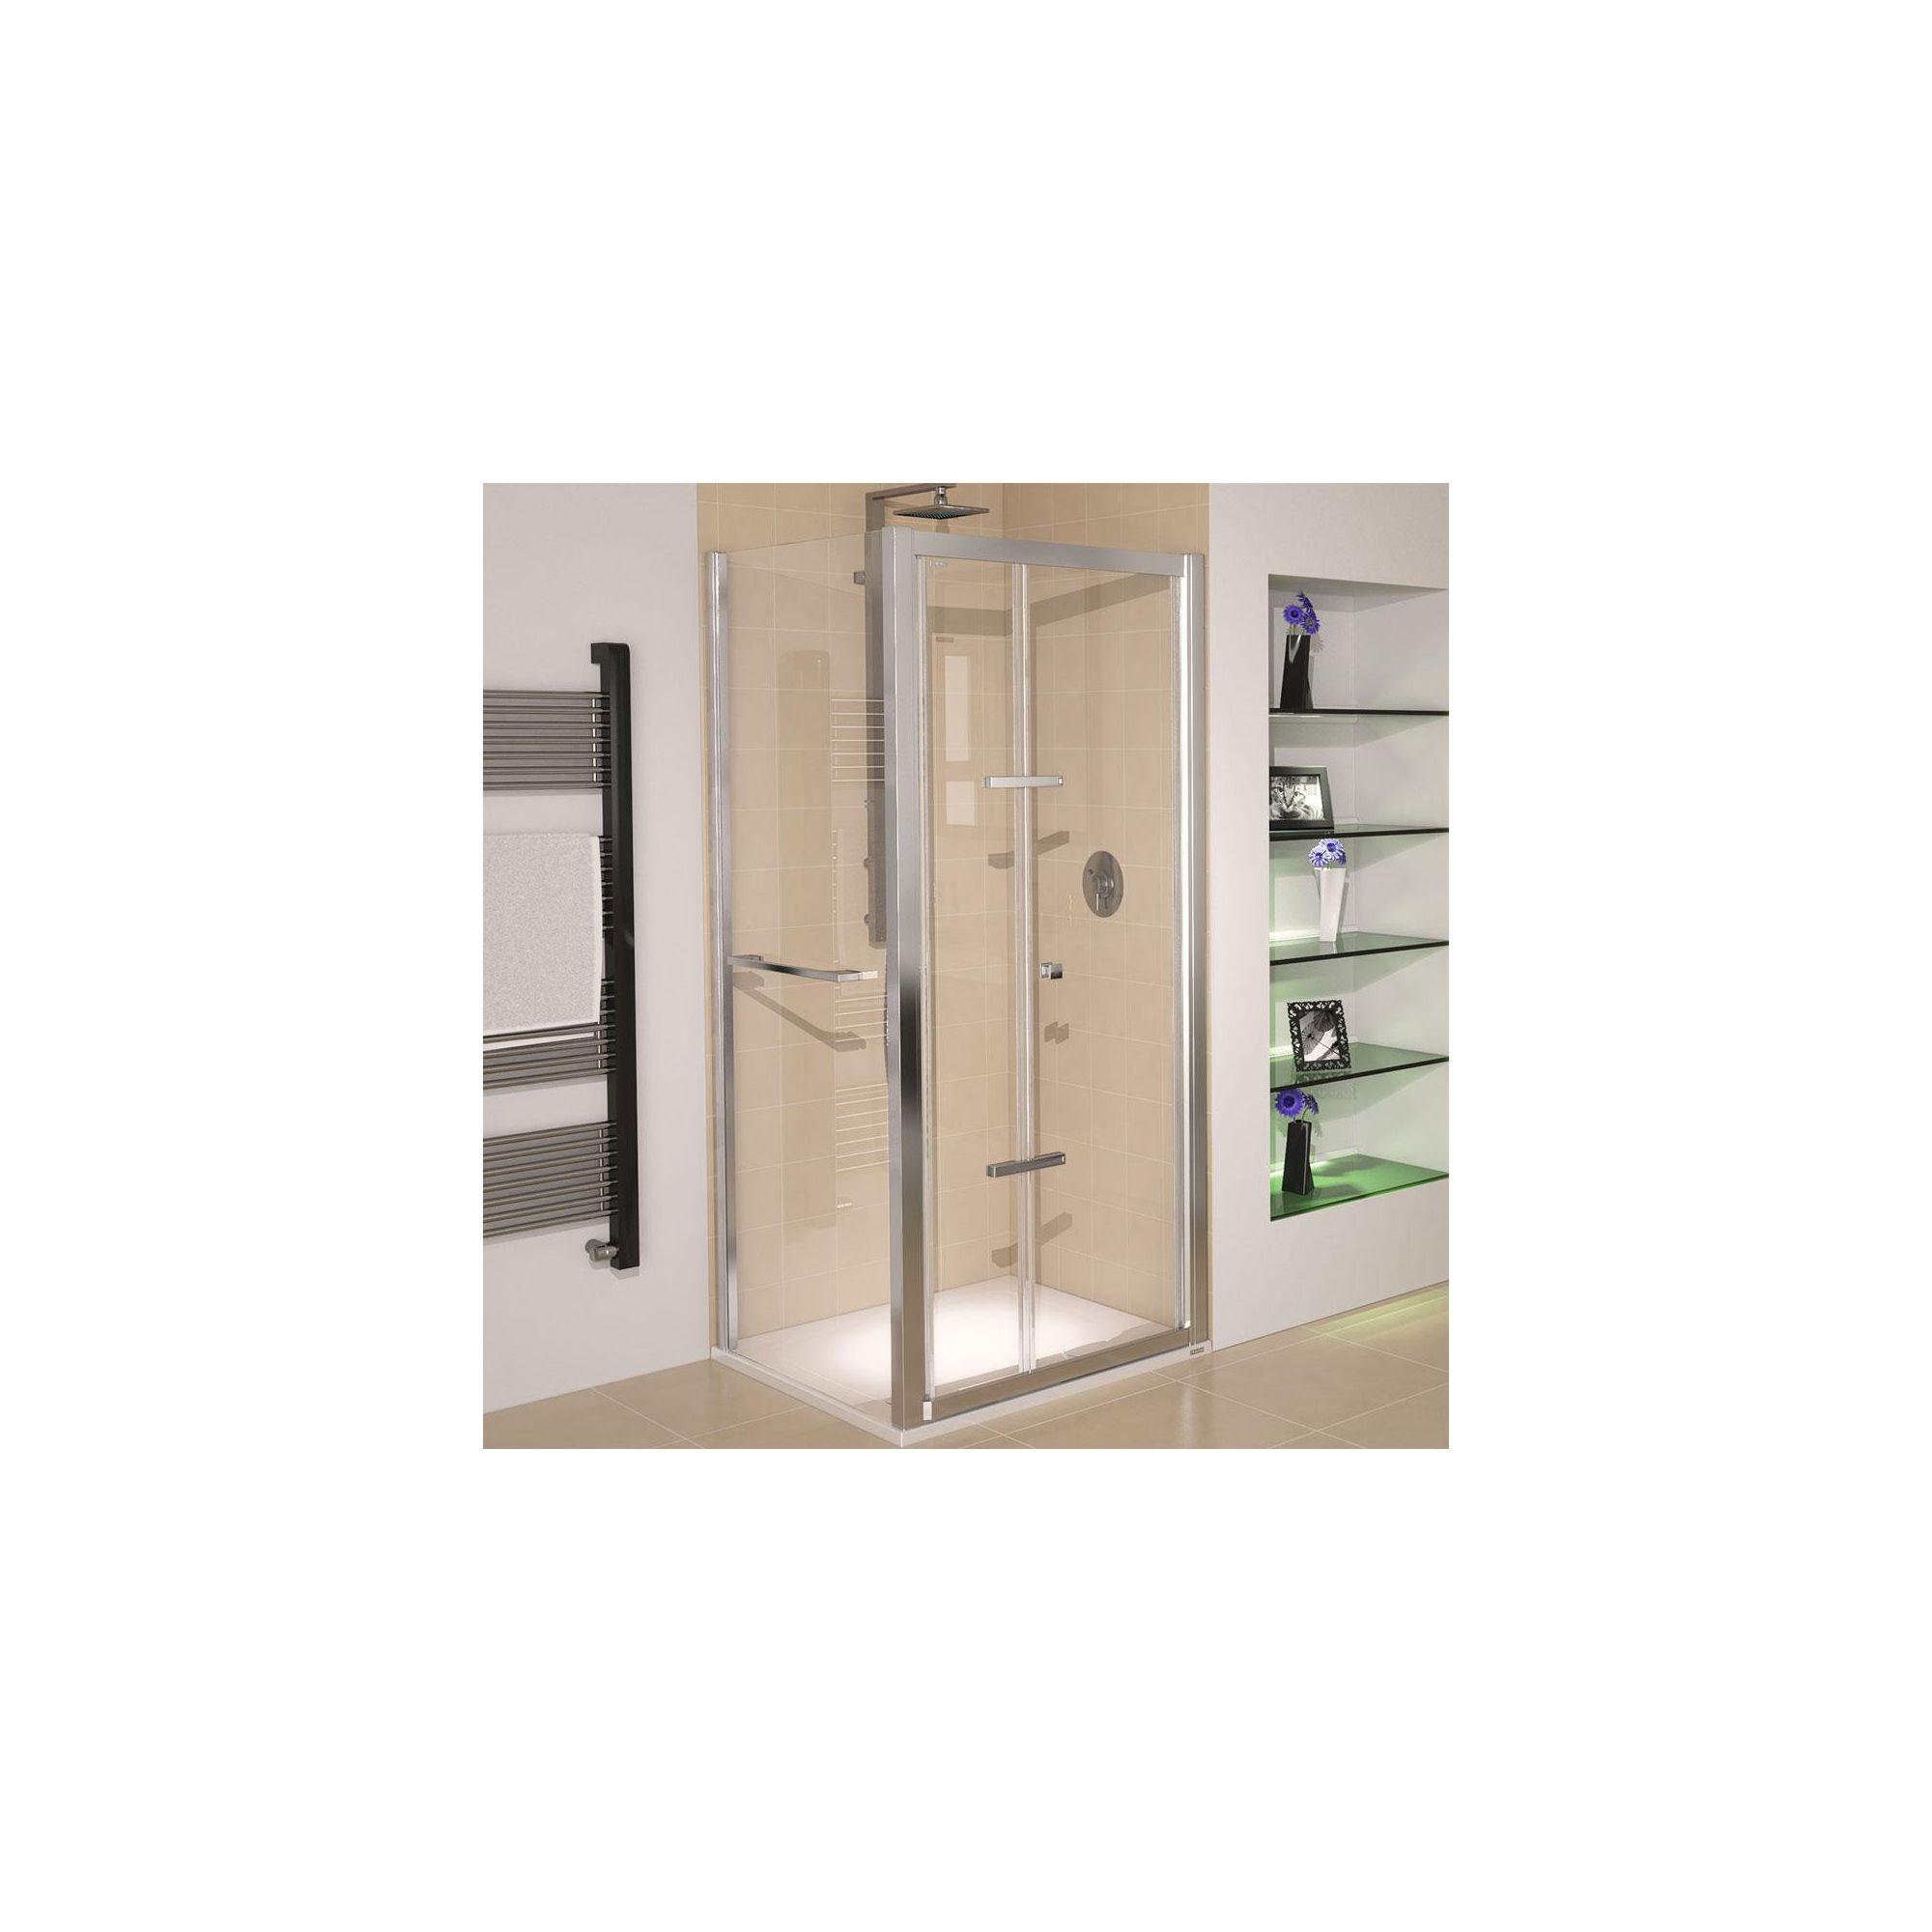 Aqualux AQUA8 Glide Bi-Fold Shower Door, 800mm Wide, Polished Silver Frame, 8mm Glass at Tesco Direct